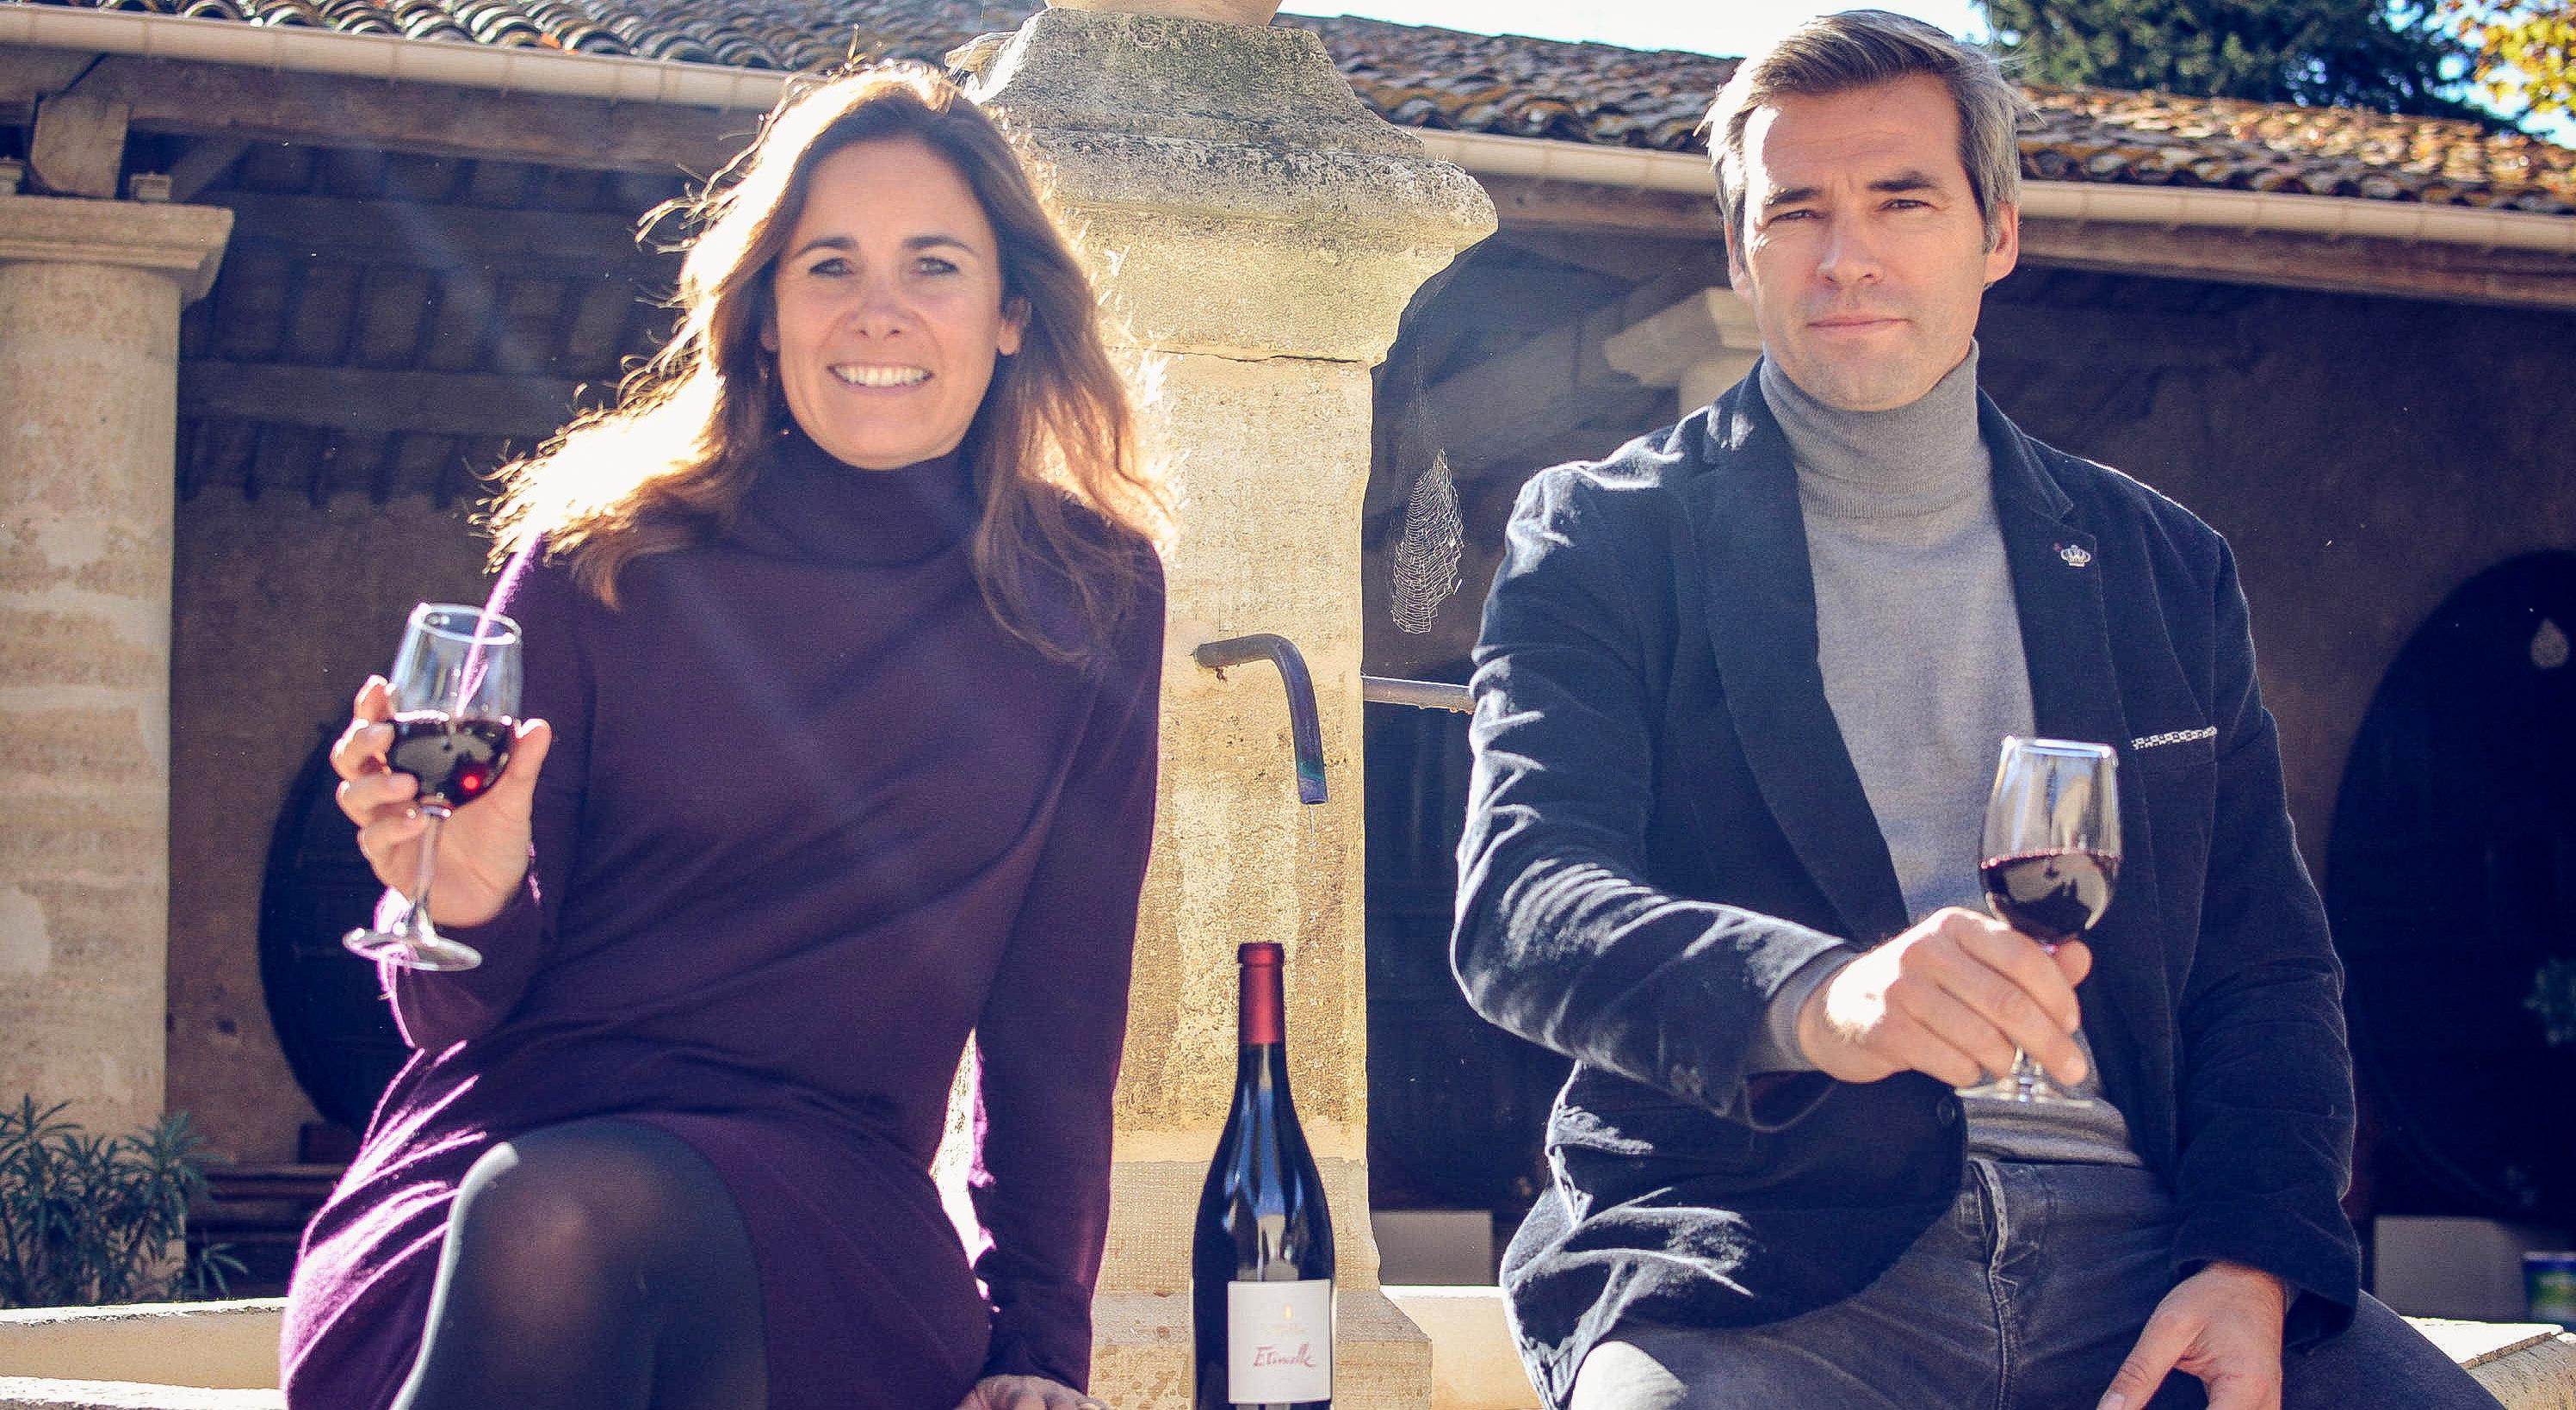 À la découverte du Languedoc - Languedoc - Bienvenue dans le Languedoc ! - 2